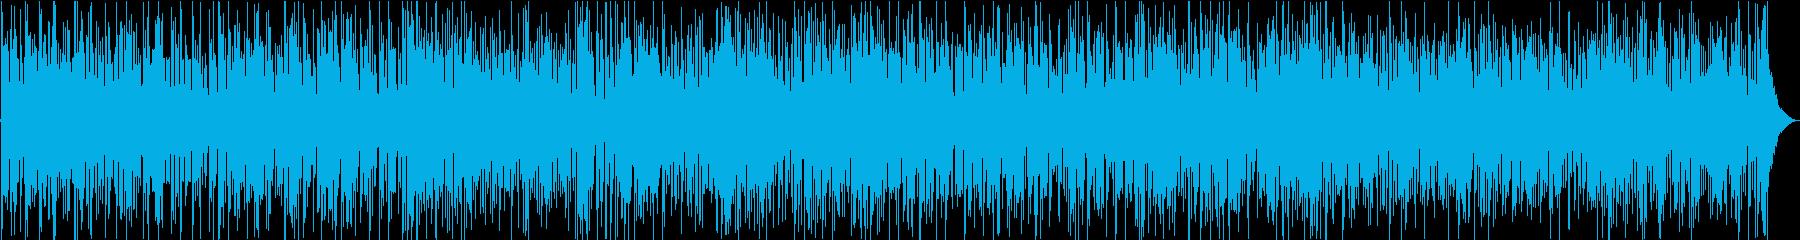 シンプル爽やかスムースジャズピアノ長尺の再生済みの波形